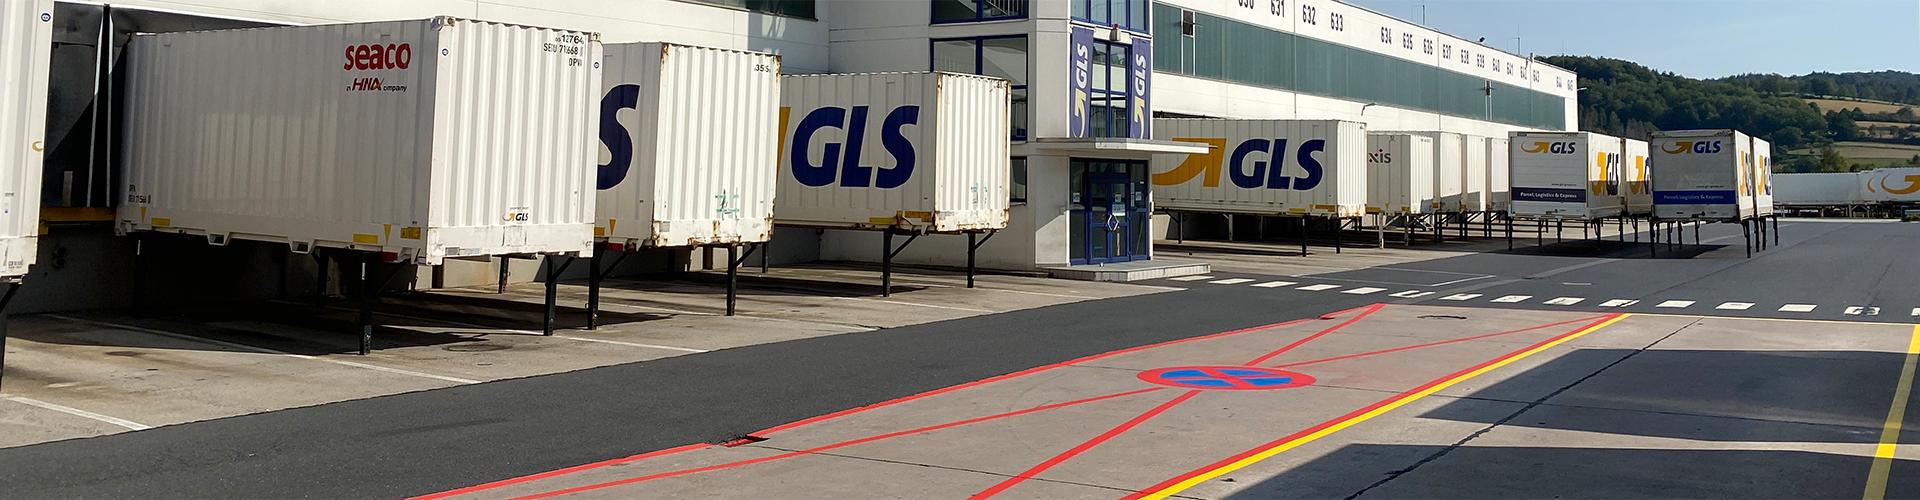 Werksmarkierung auf dem Gelände eines Logistikunternehmens